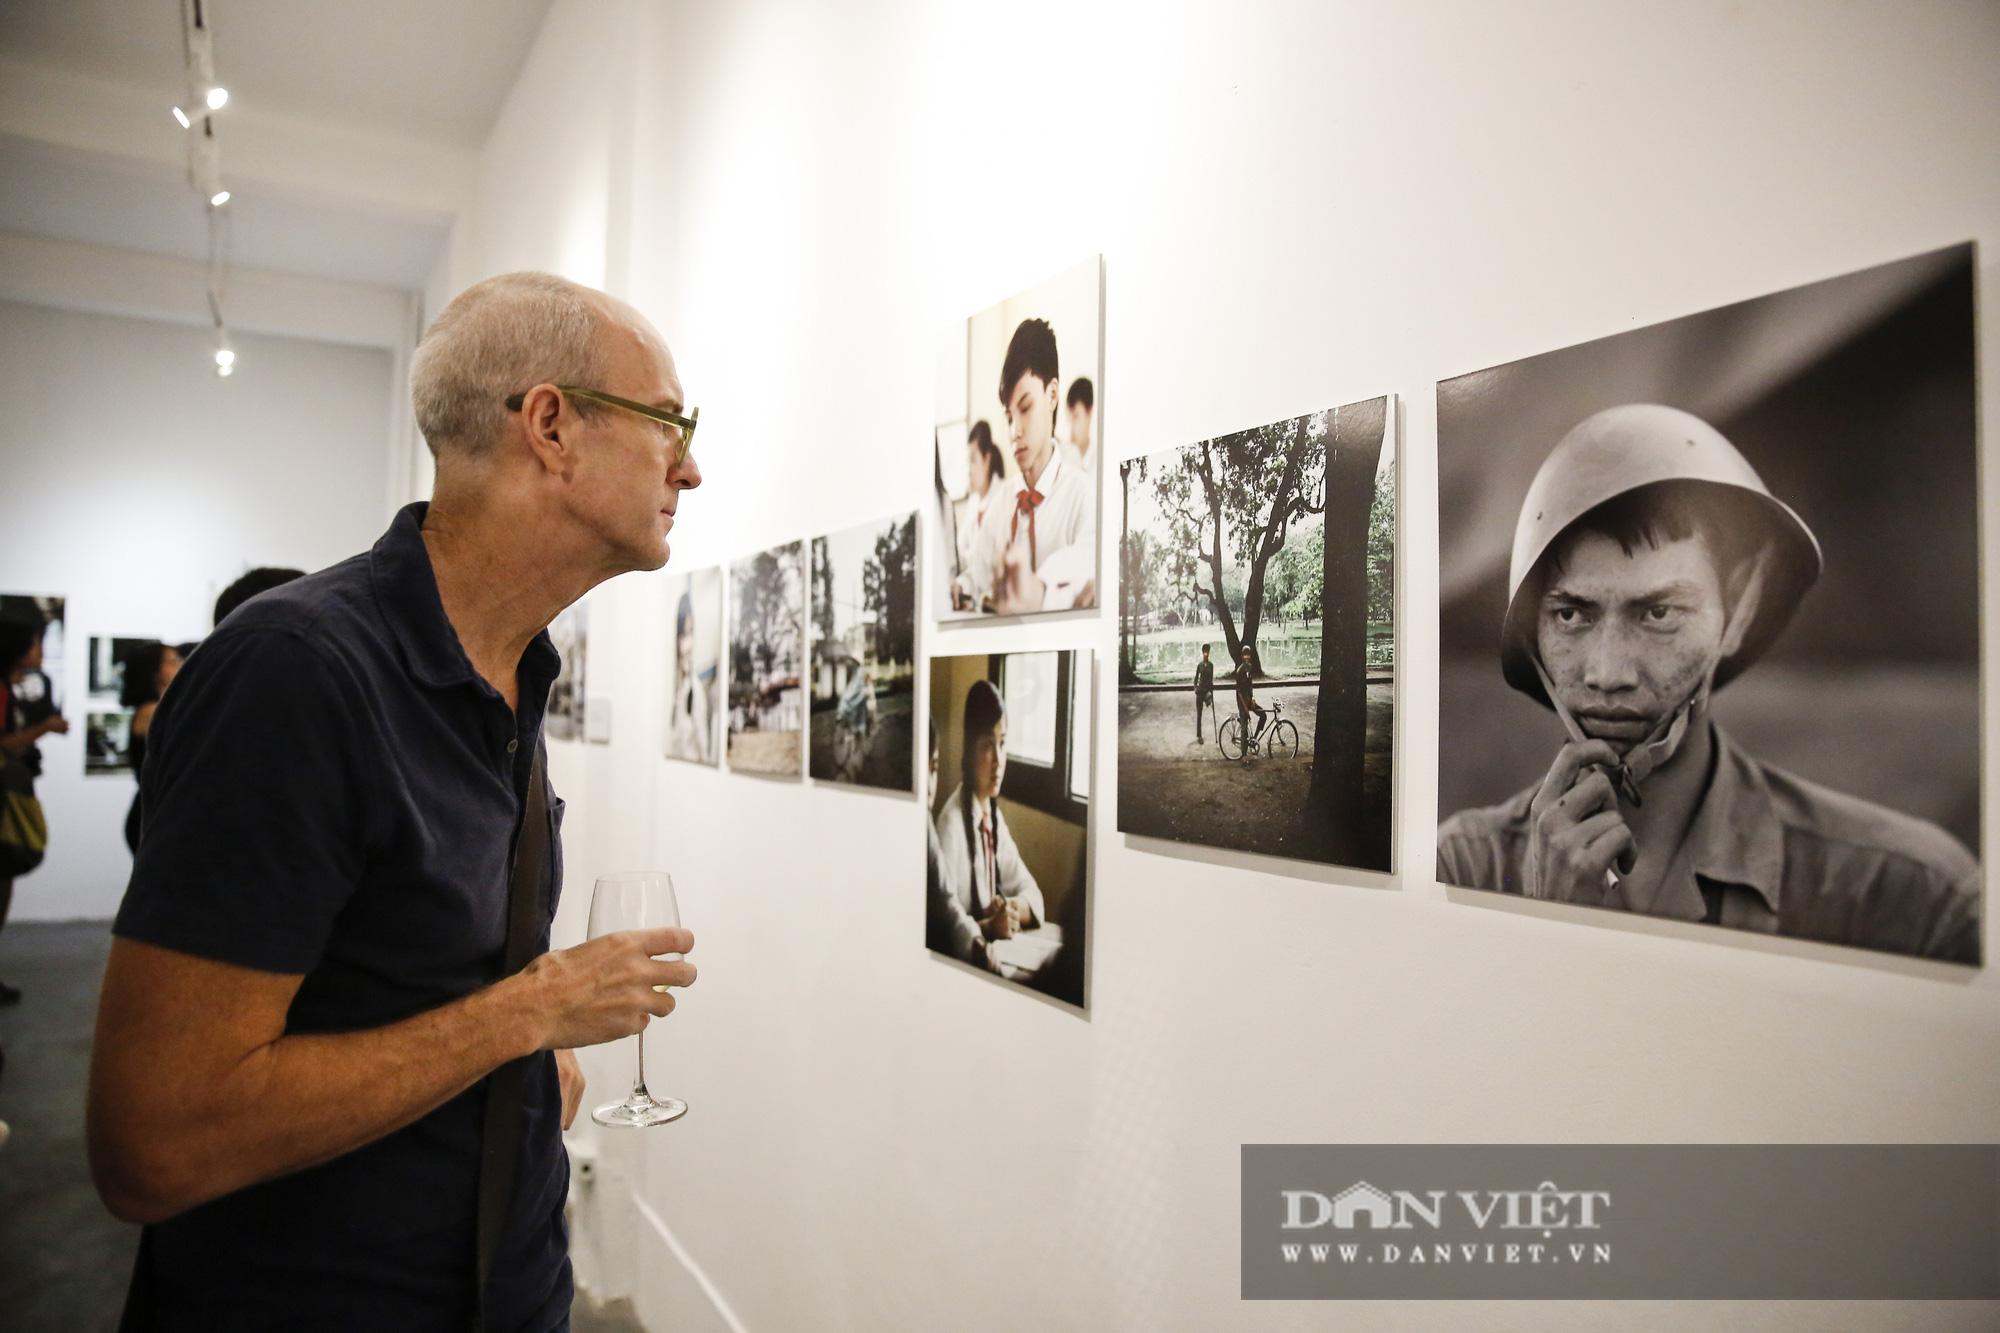 Đại sứ Đức tại Việt Nam tham dự triển lãm ảnh đặc biệt về Hà Nội - Ảnh 6.